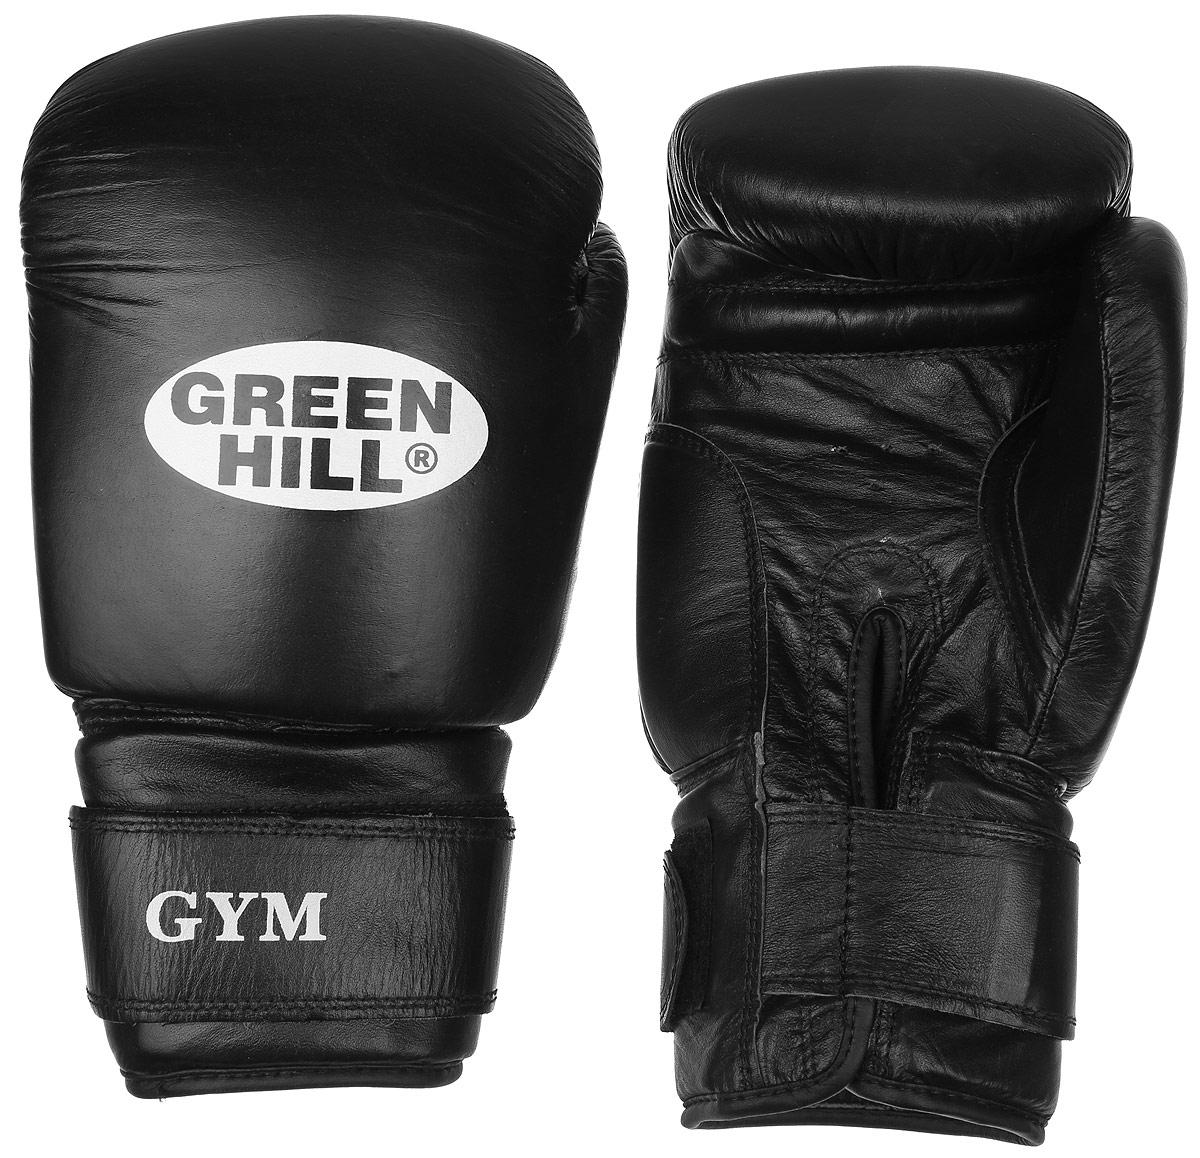 Перчатки боксерские Green Hill Gym, цвет: черный, белый. Вес 18 унцийBGG-2018Боксерские перчатки Green Hill Gym подходят для всех видов единоборств где применяют перчатки. Подойдет как для бокса, так и для кикбоксинга. Новички и профессионалы высоко ценят эту модель за универсальность. Верхняя часть перчатки выполнена из натуральной кожи, наполнитель - пенополиуретан. Перфорированная поверхность в области ладони позволяет создать максимально комфортный терморежим во время занятий. Закрепляется на руке при помощи липучки.